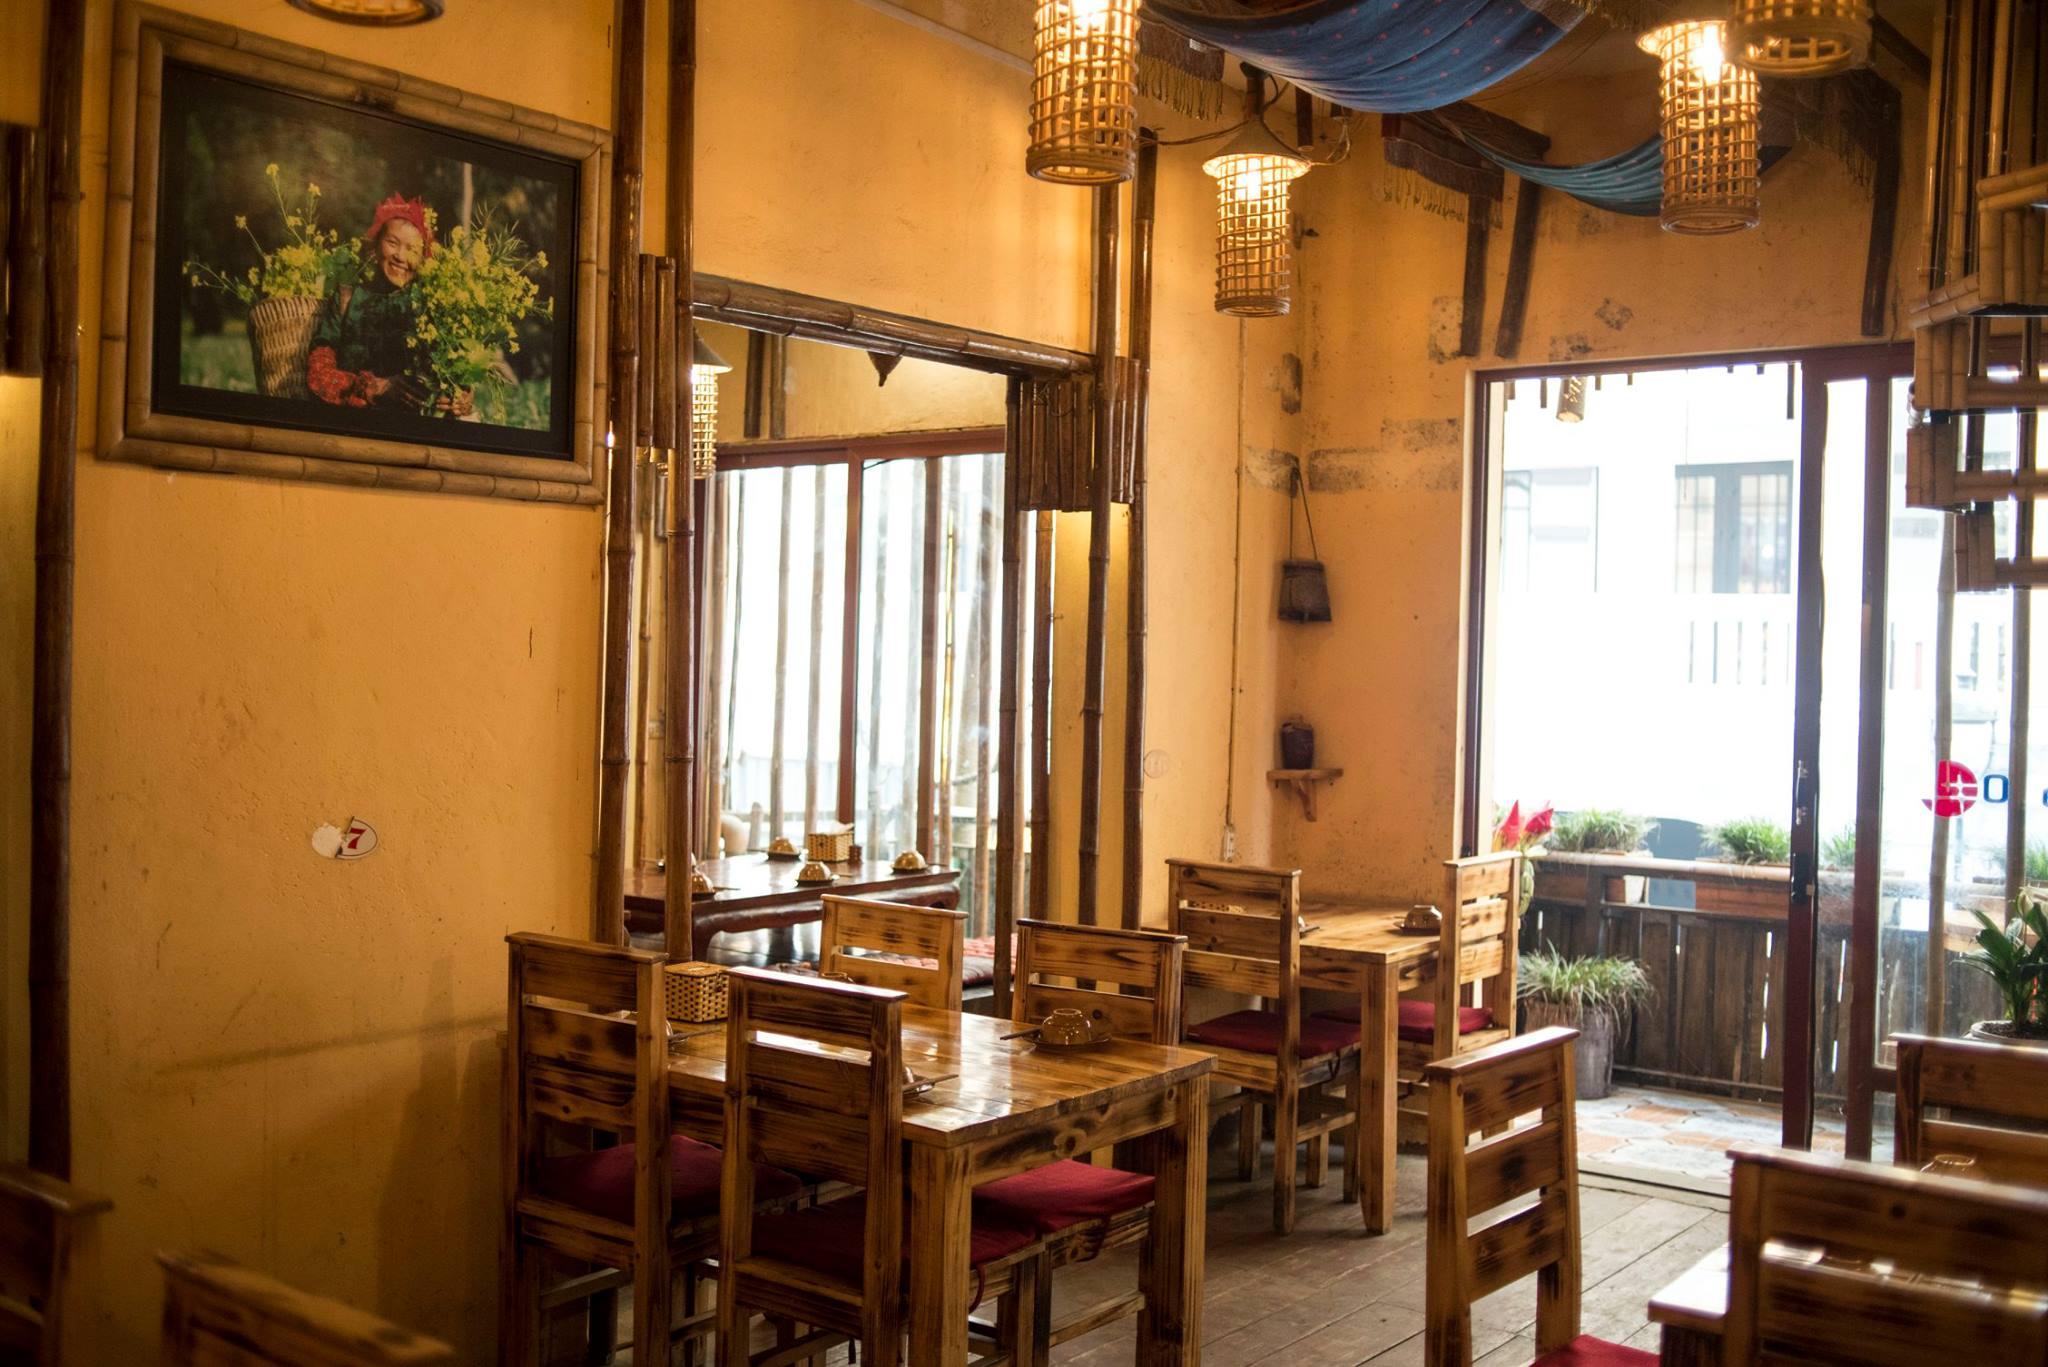 Khám phá những nhà hàng ở Sapa được hội sành ăn 'review' nhiều nhất  - Ảnh 1.